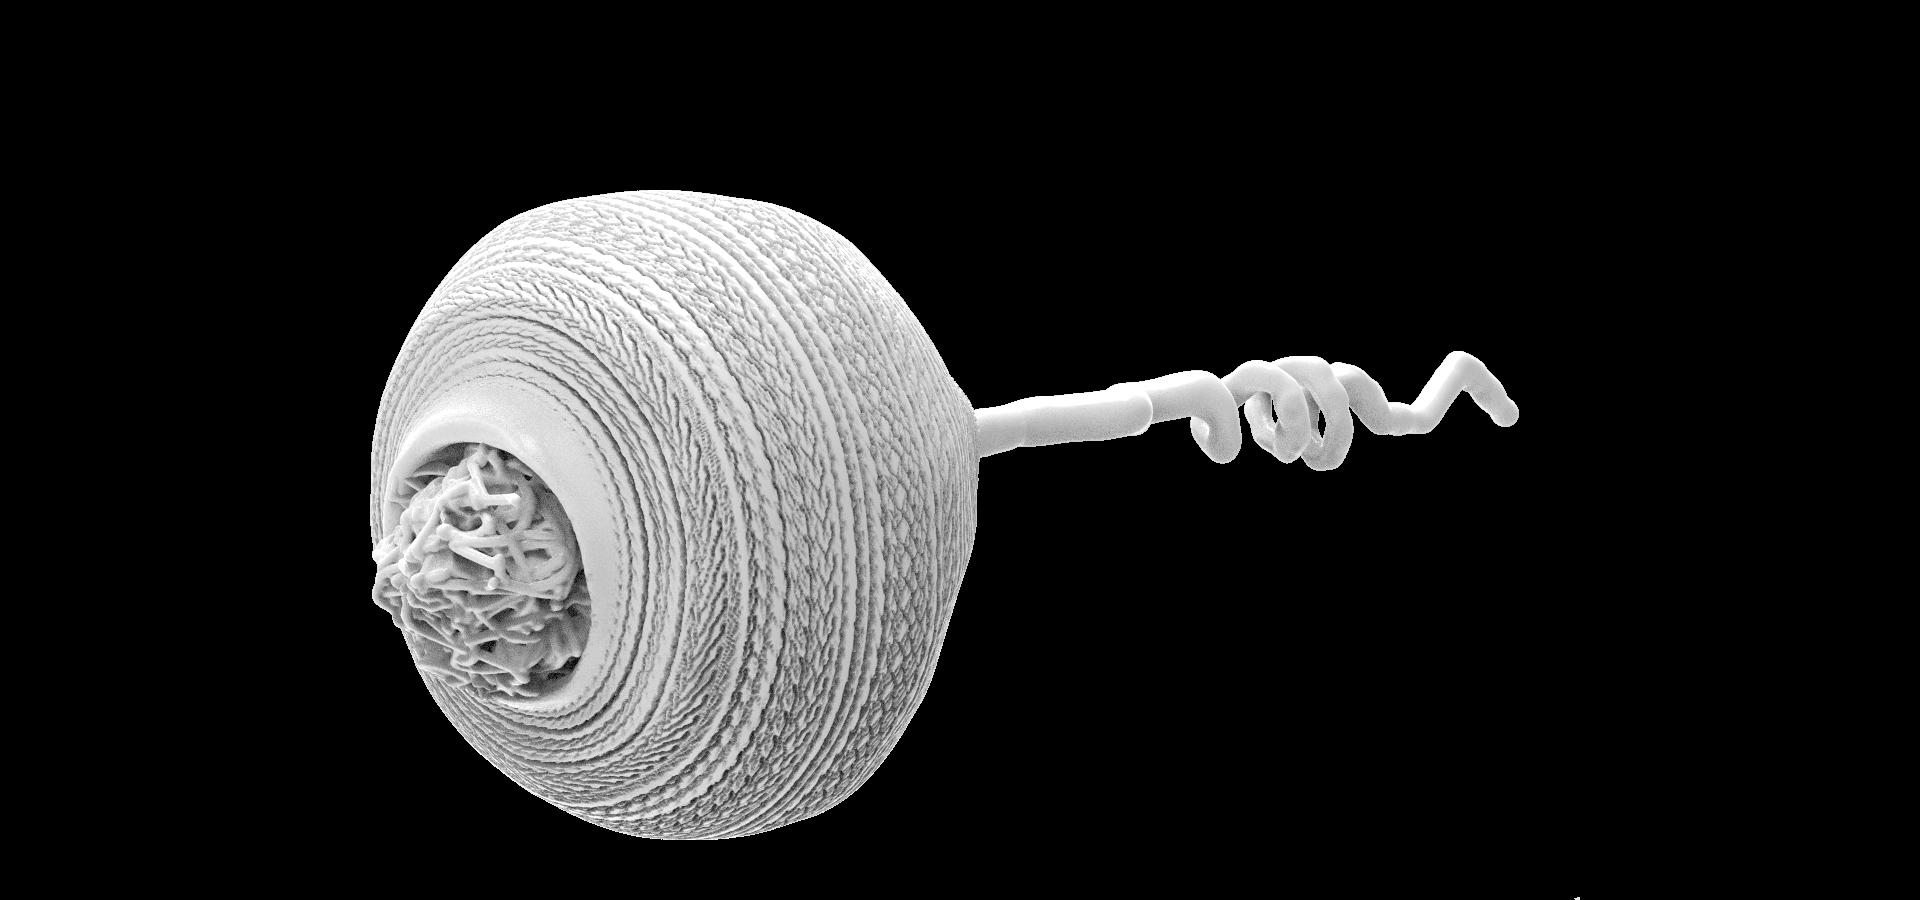 Protozoa vorticella.29